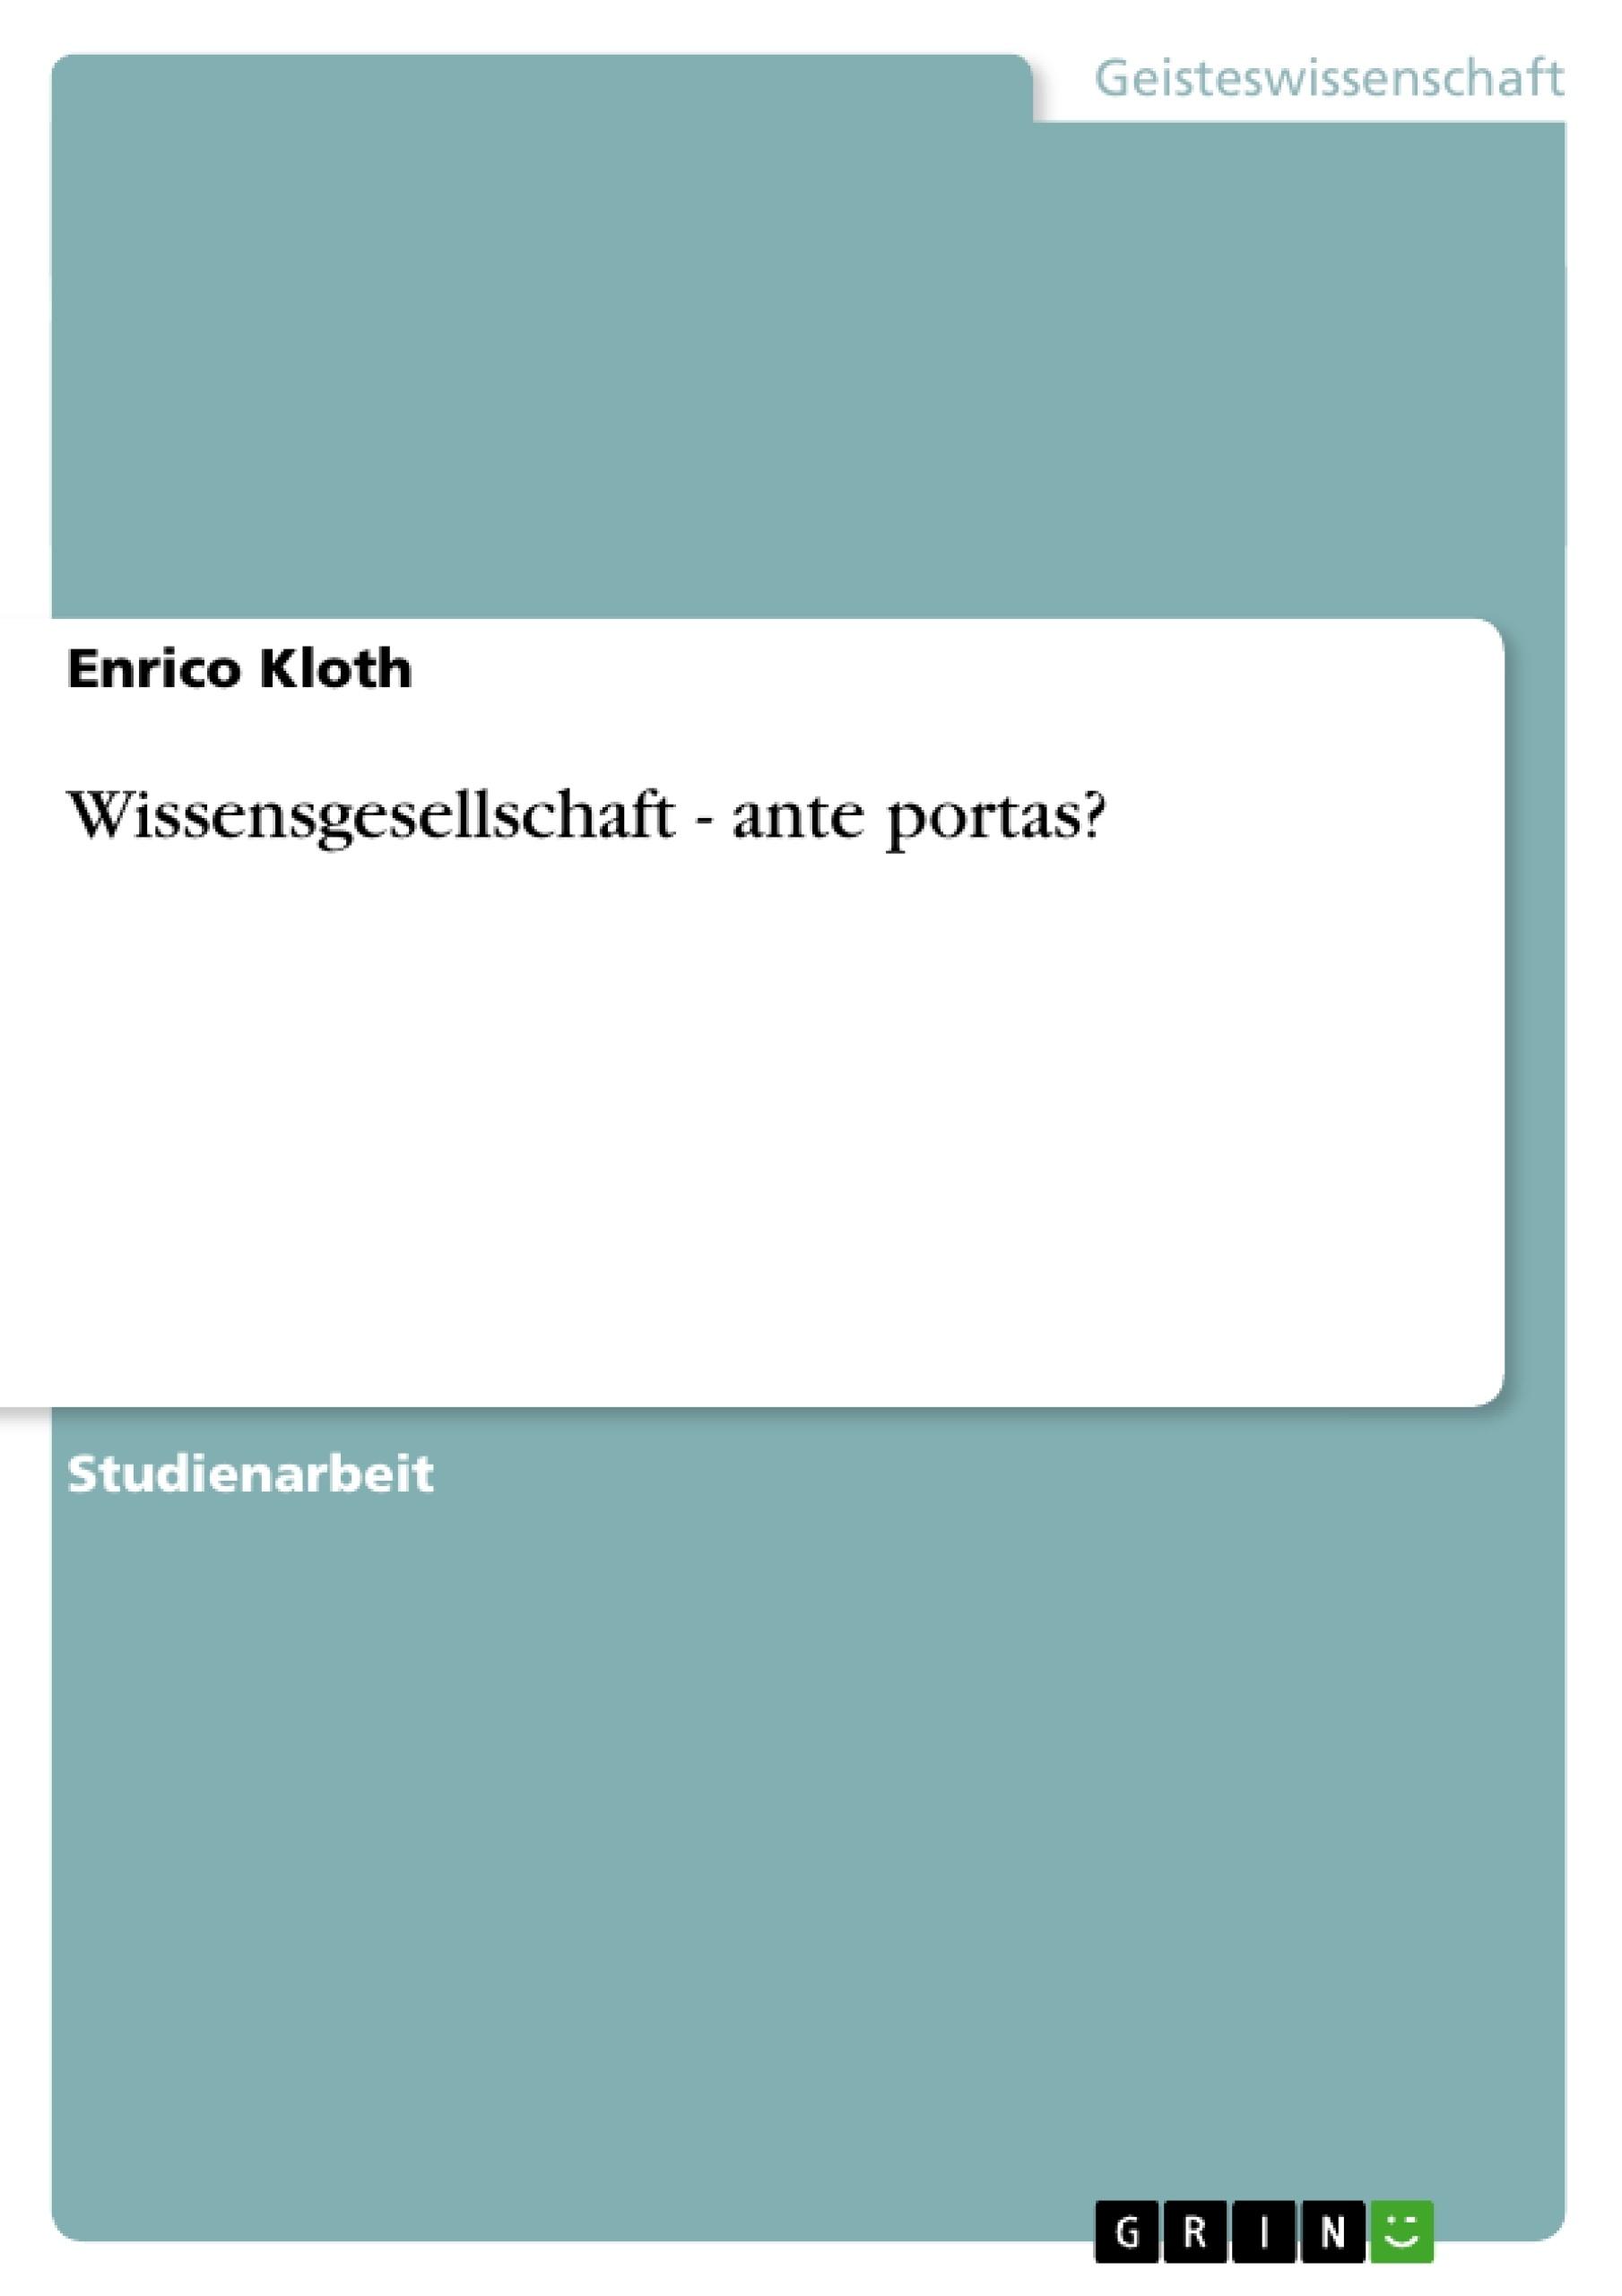 Titel: Wissensgesellschaft - ante portas?